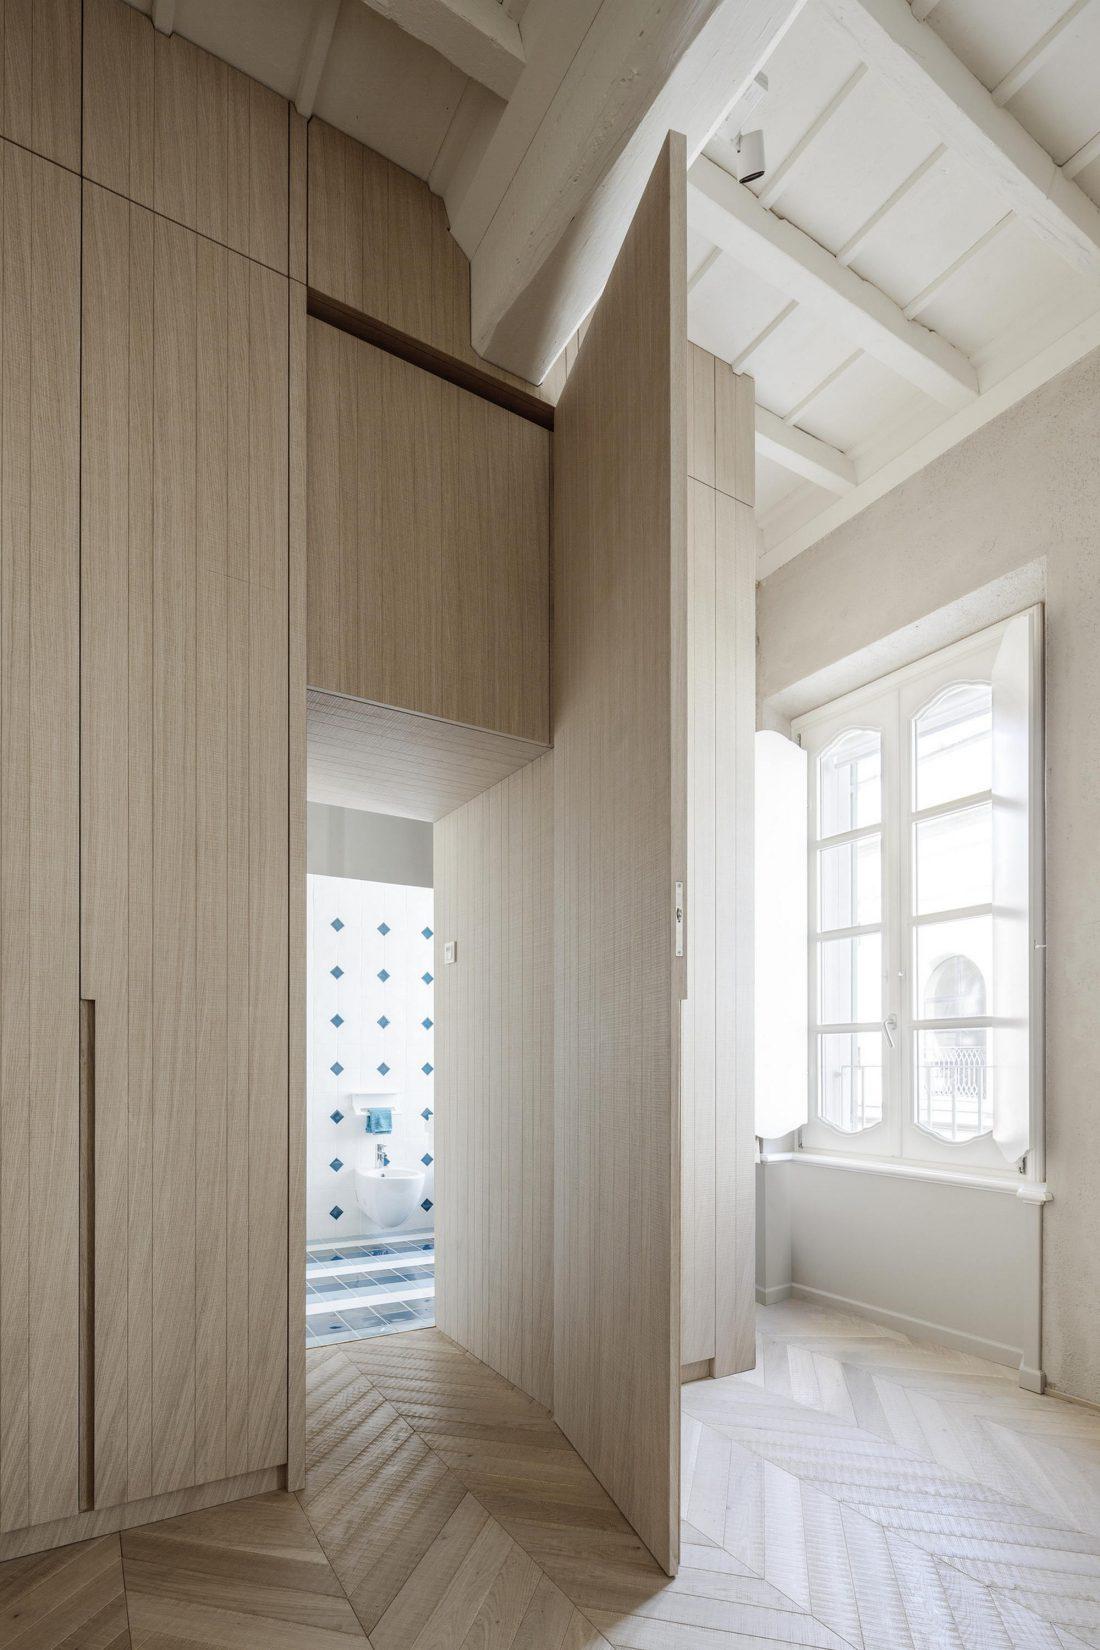 Интерьер квартиры в античном стиле в старинном доме в Италии 7